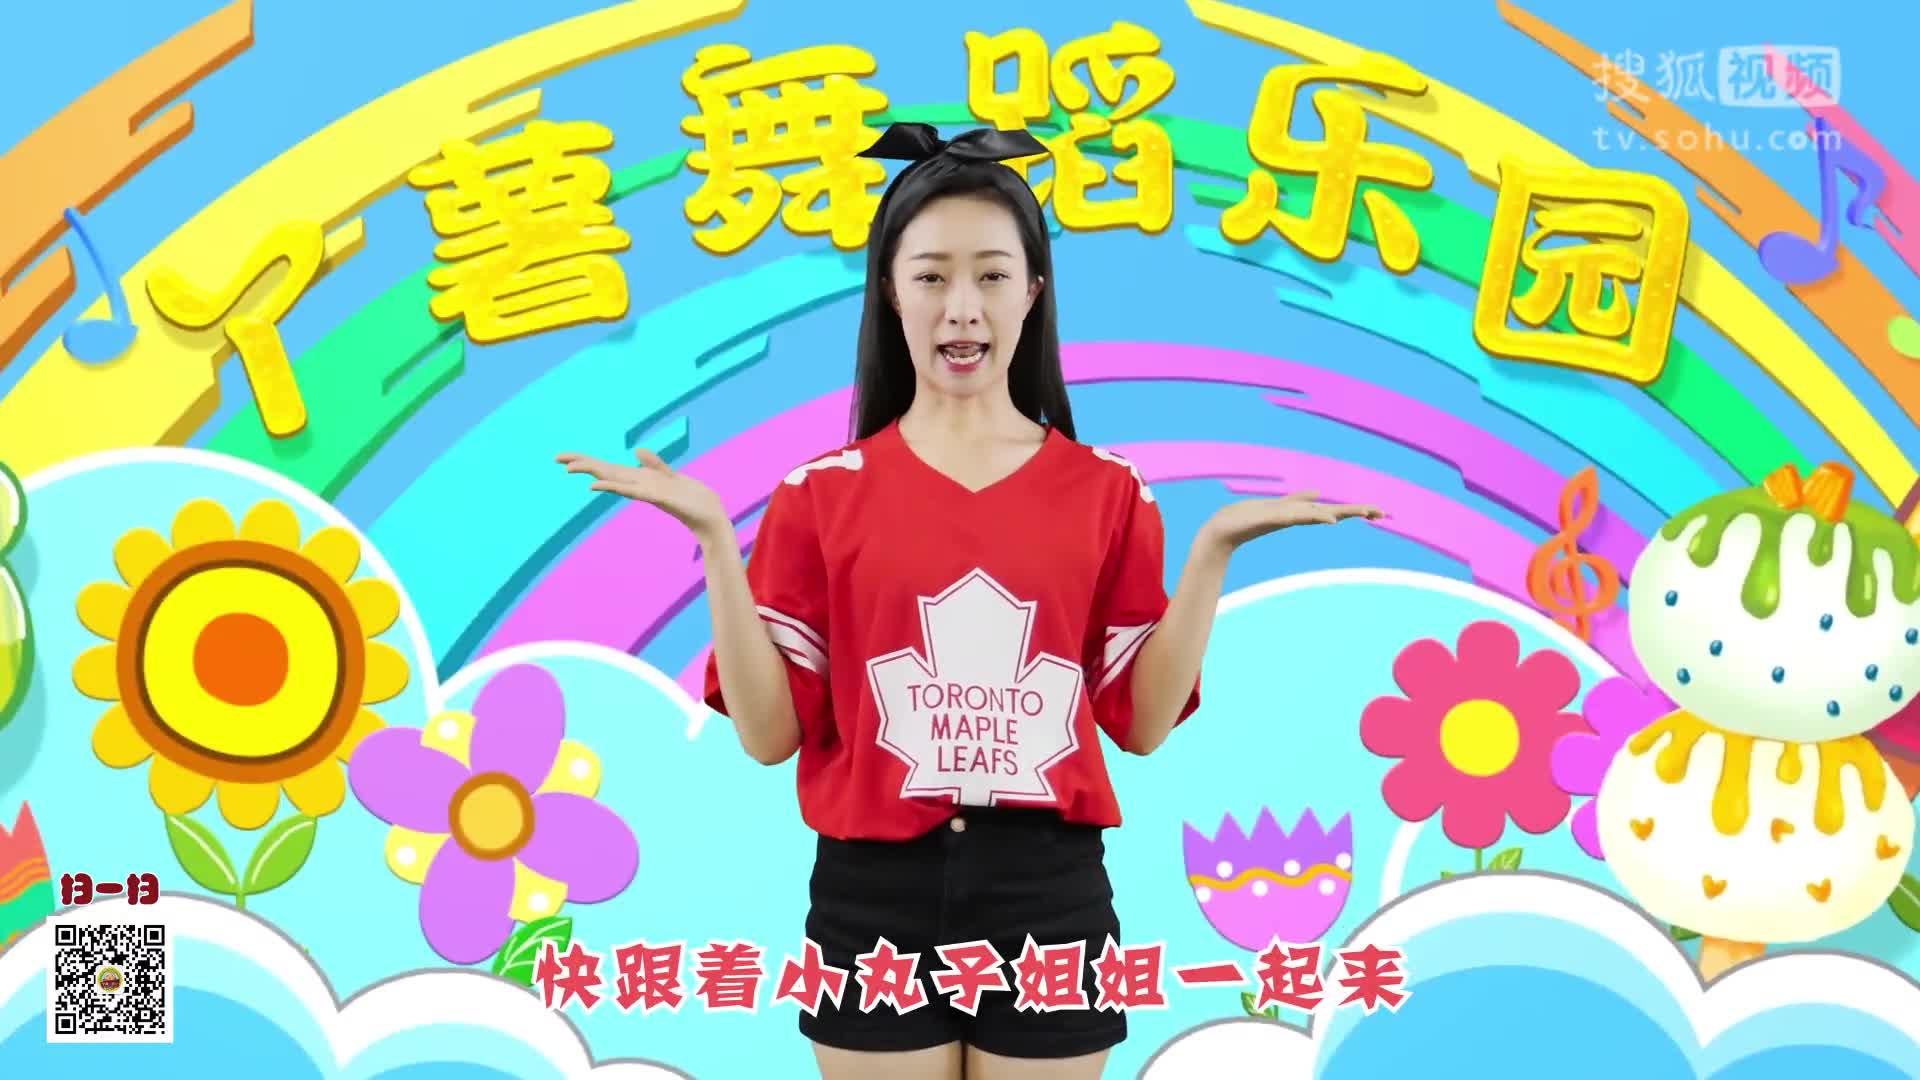 《小鸡小鸡》幼儿舞蹈少儿歌曲幼儿园律动六一儿童节